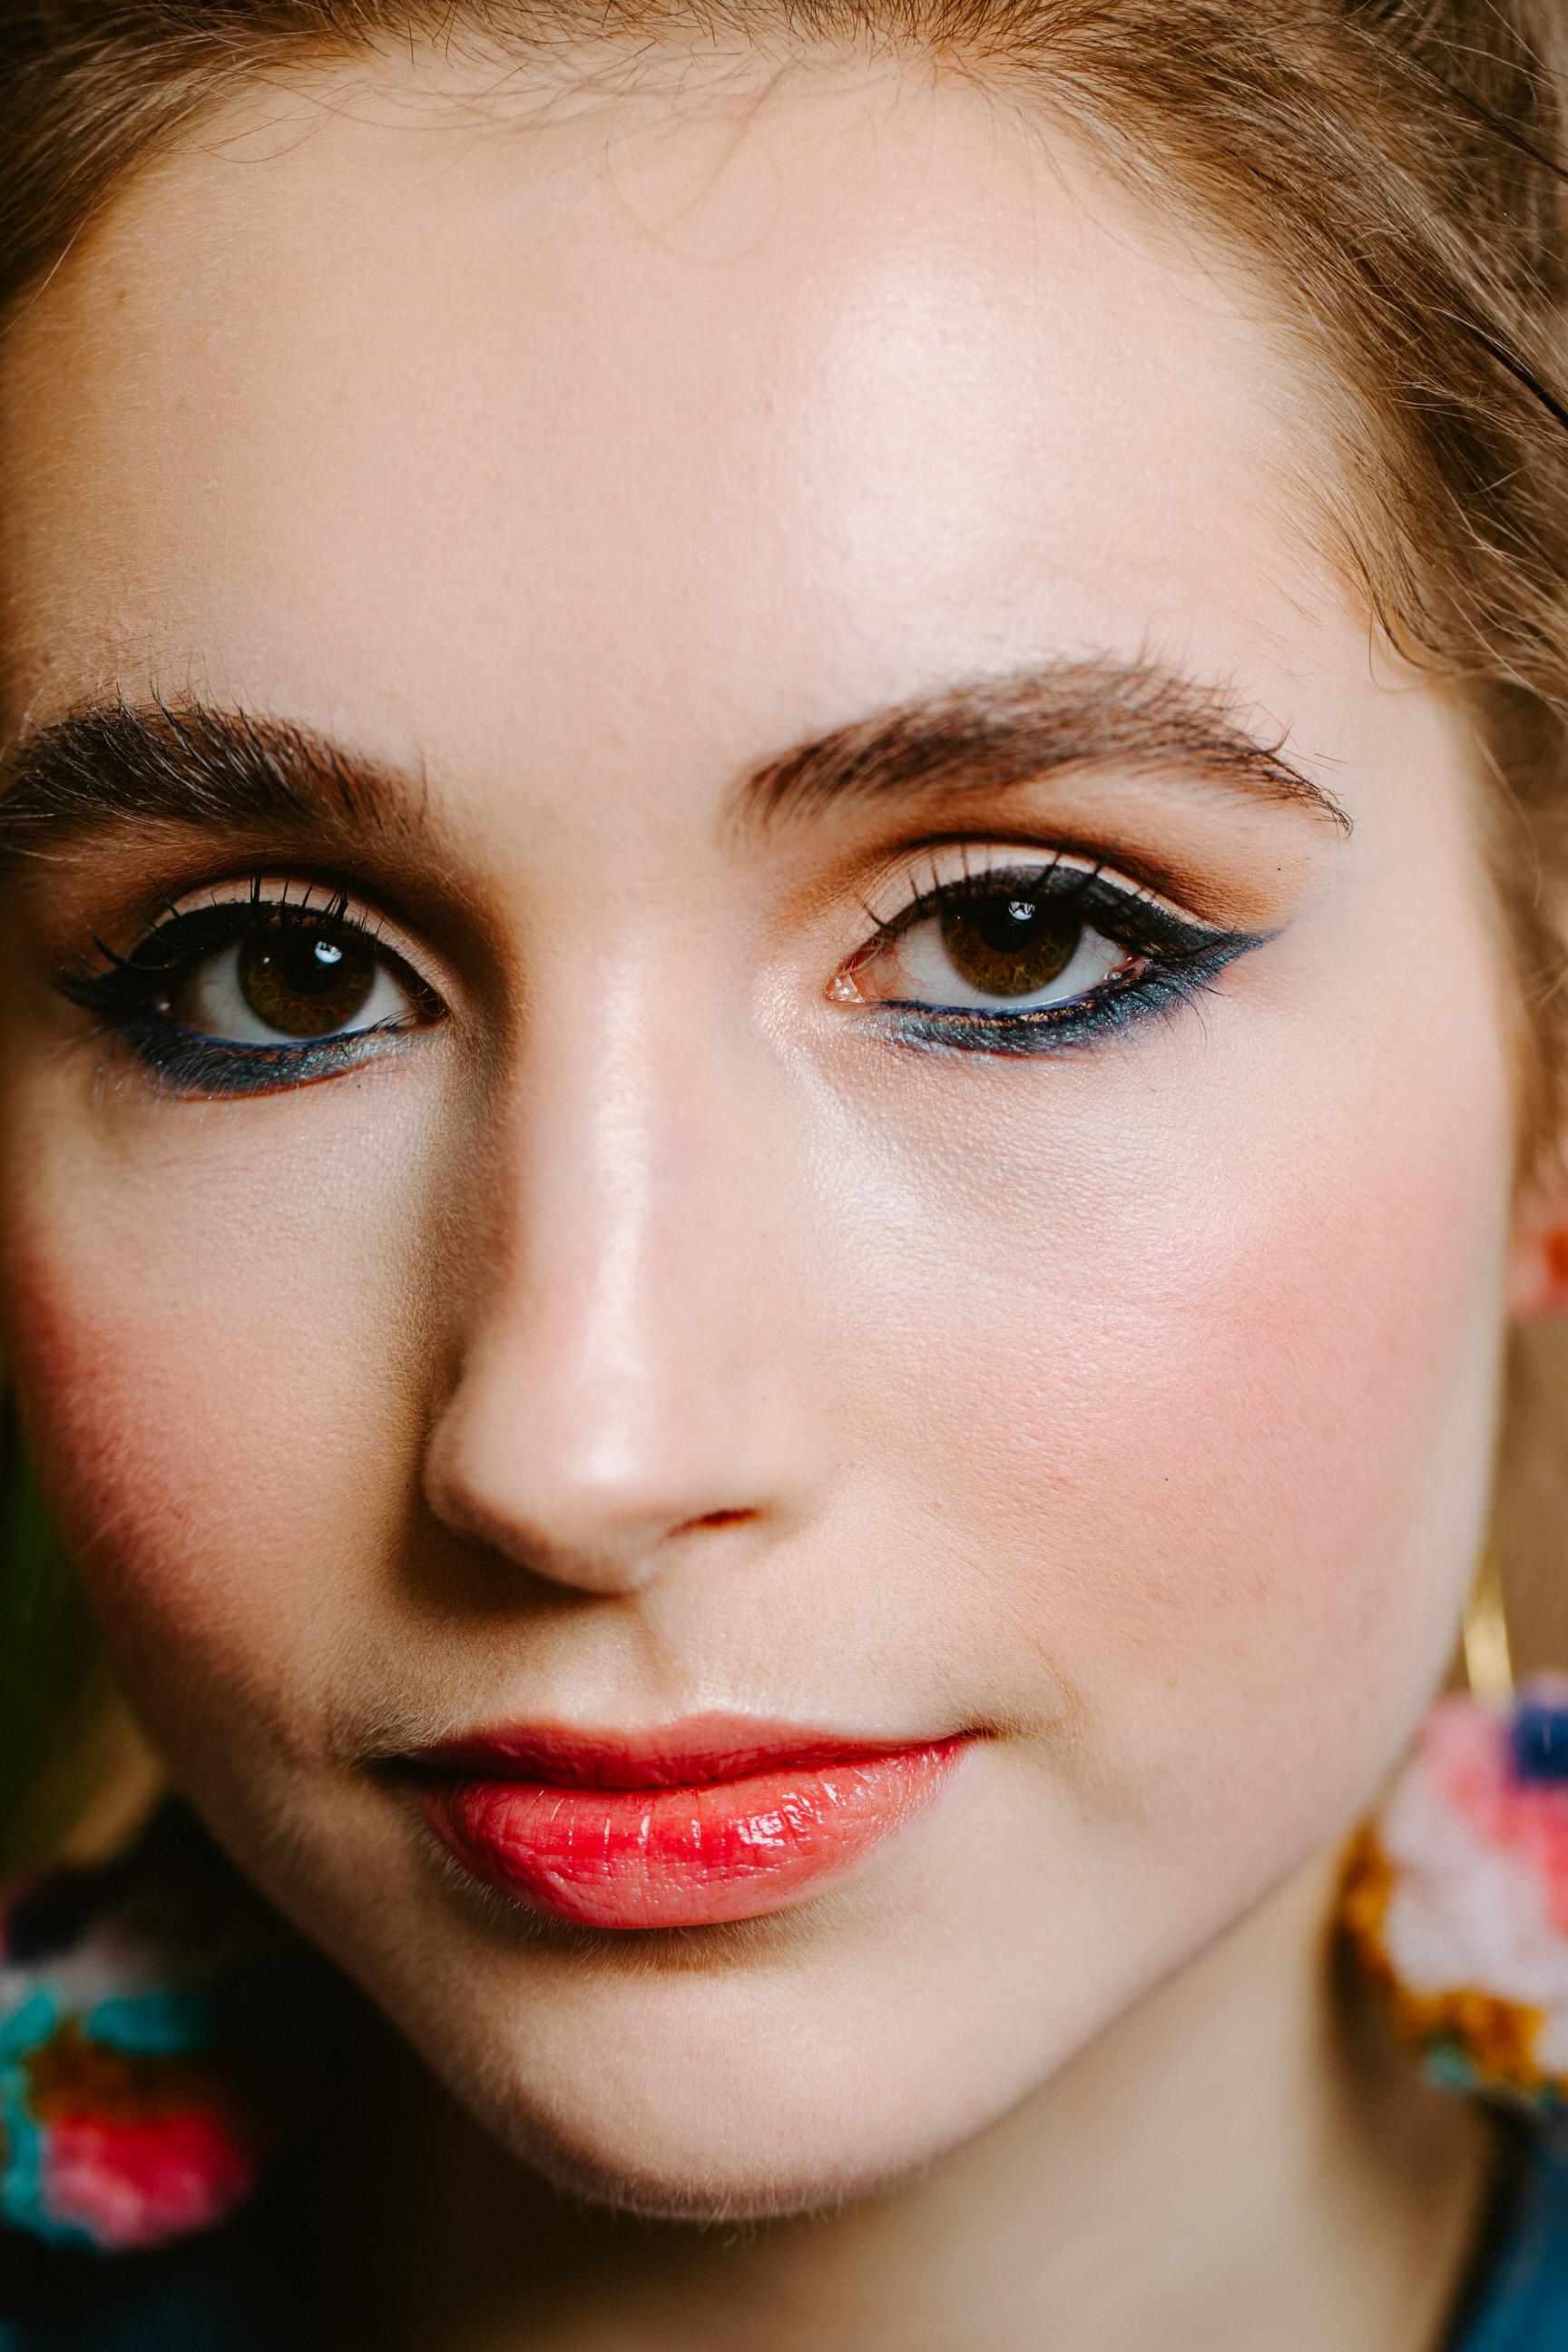 rebekah-earrings-8660.jpg